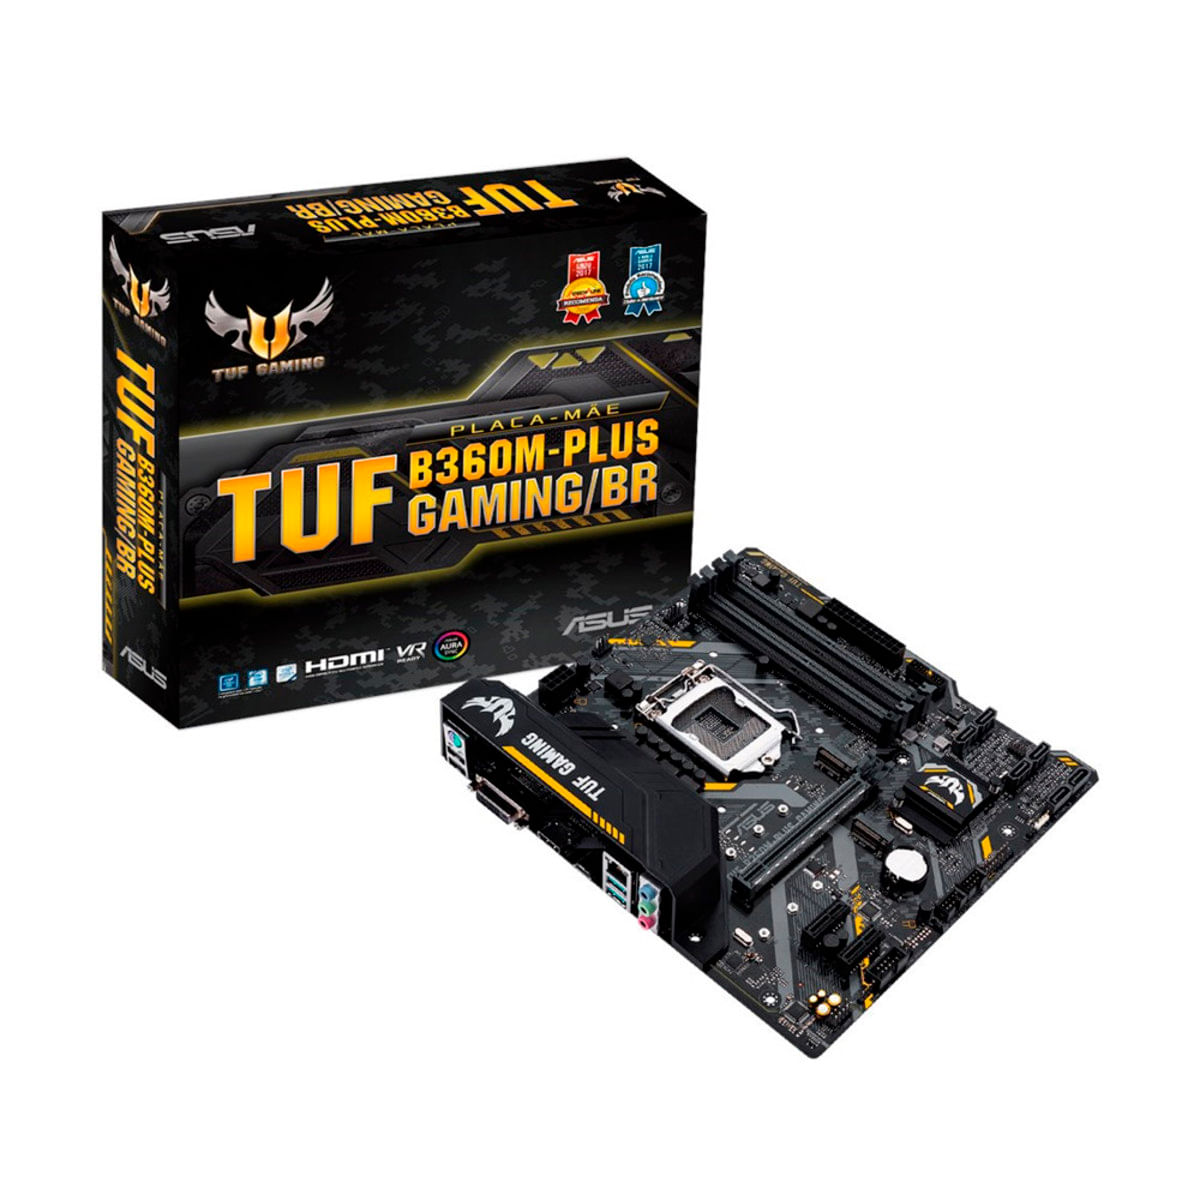 Imagem de Placa Mãe Asus Intel Lga 1151 - TUF B360M-Plus Gaming/BR